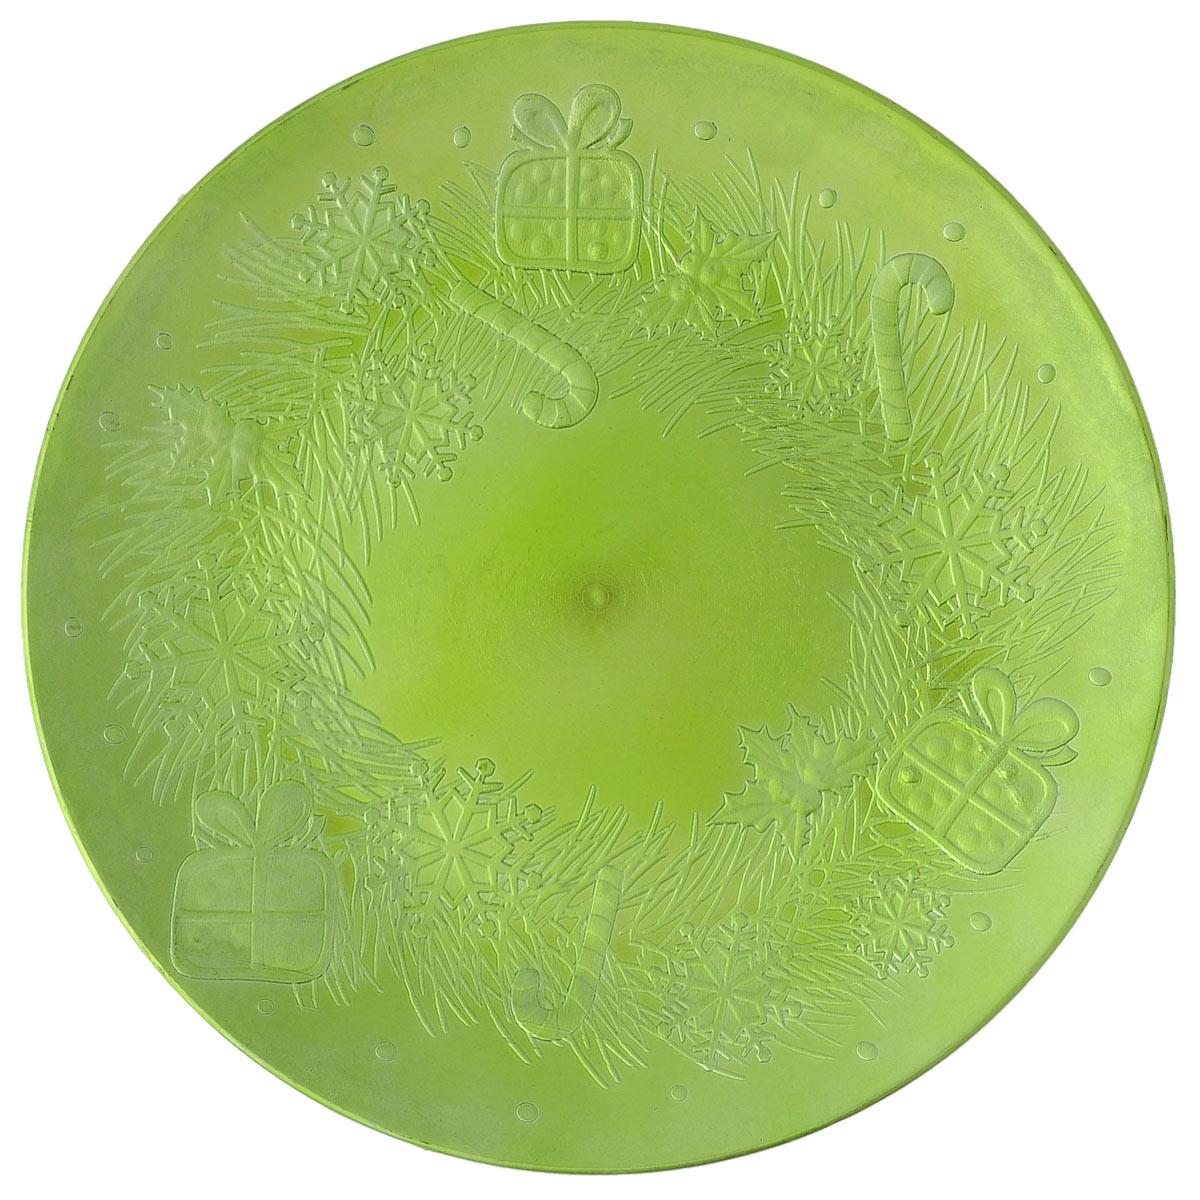 Блюдо Lillo Новогоднее, цвет: светло-зеленый, диаметр 33 см115510Блюдо Lillo Новогоднее, выполненное из высококачественного пластика, оформлено объемнымиизображениями в виде подарков и снежинок.Блюдо Lillo Новогоднее доставит истинное удовольствие ценителям прекрасного. Яркий дизайн, несомненно придется вам по вкусу. Диаметр: 33 см. Высота стенки: 2 см.